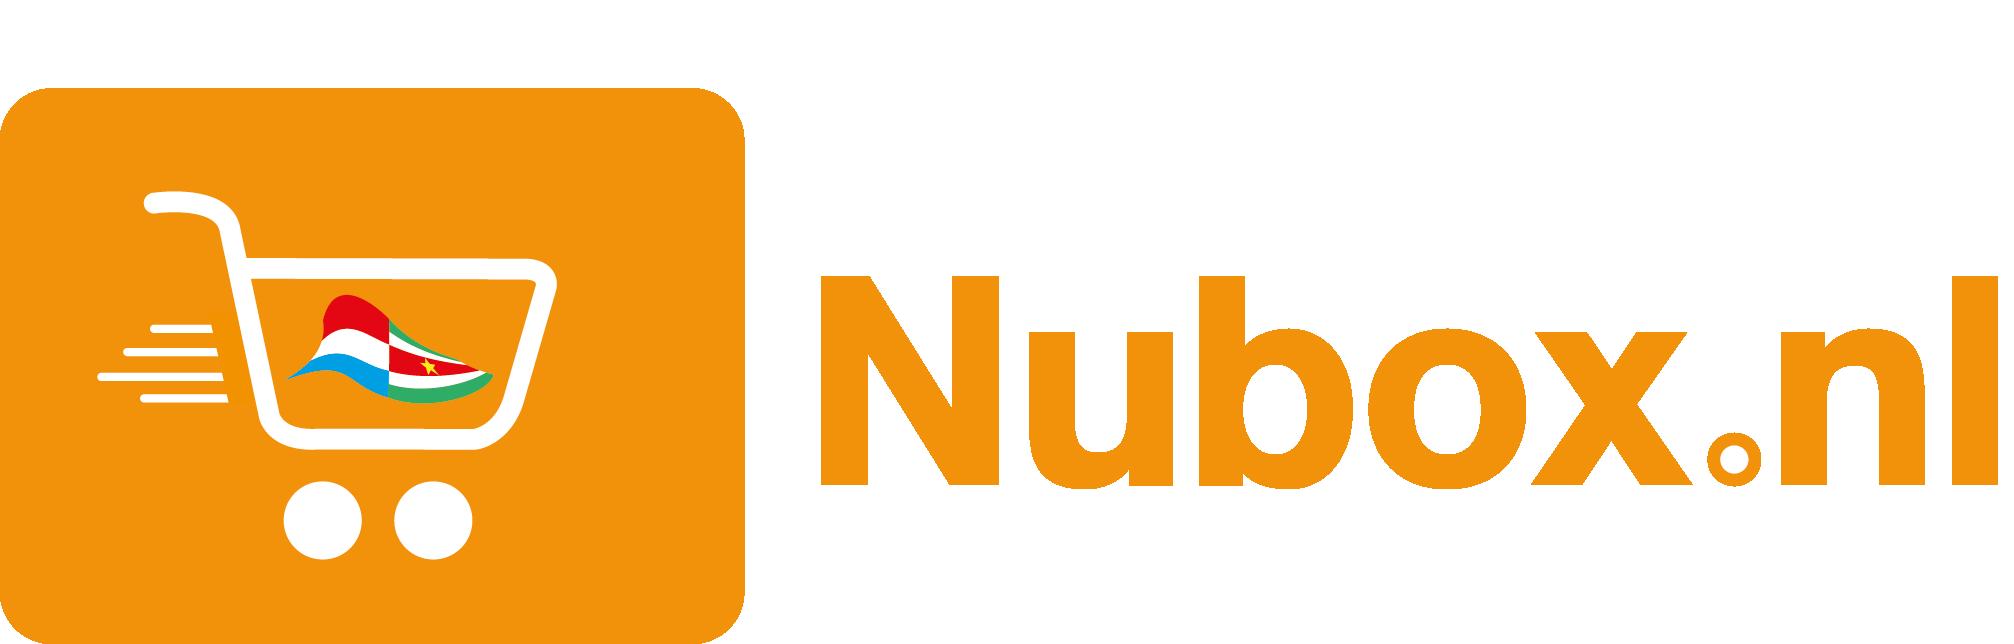 Nubox.nl